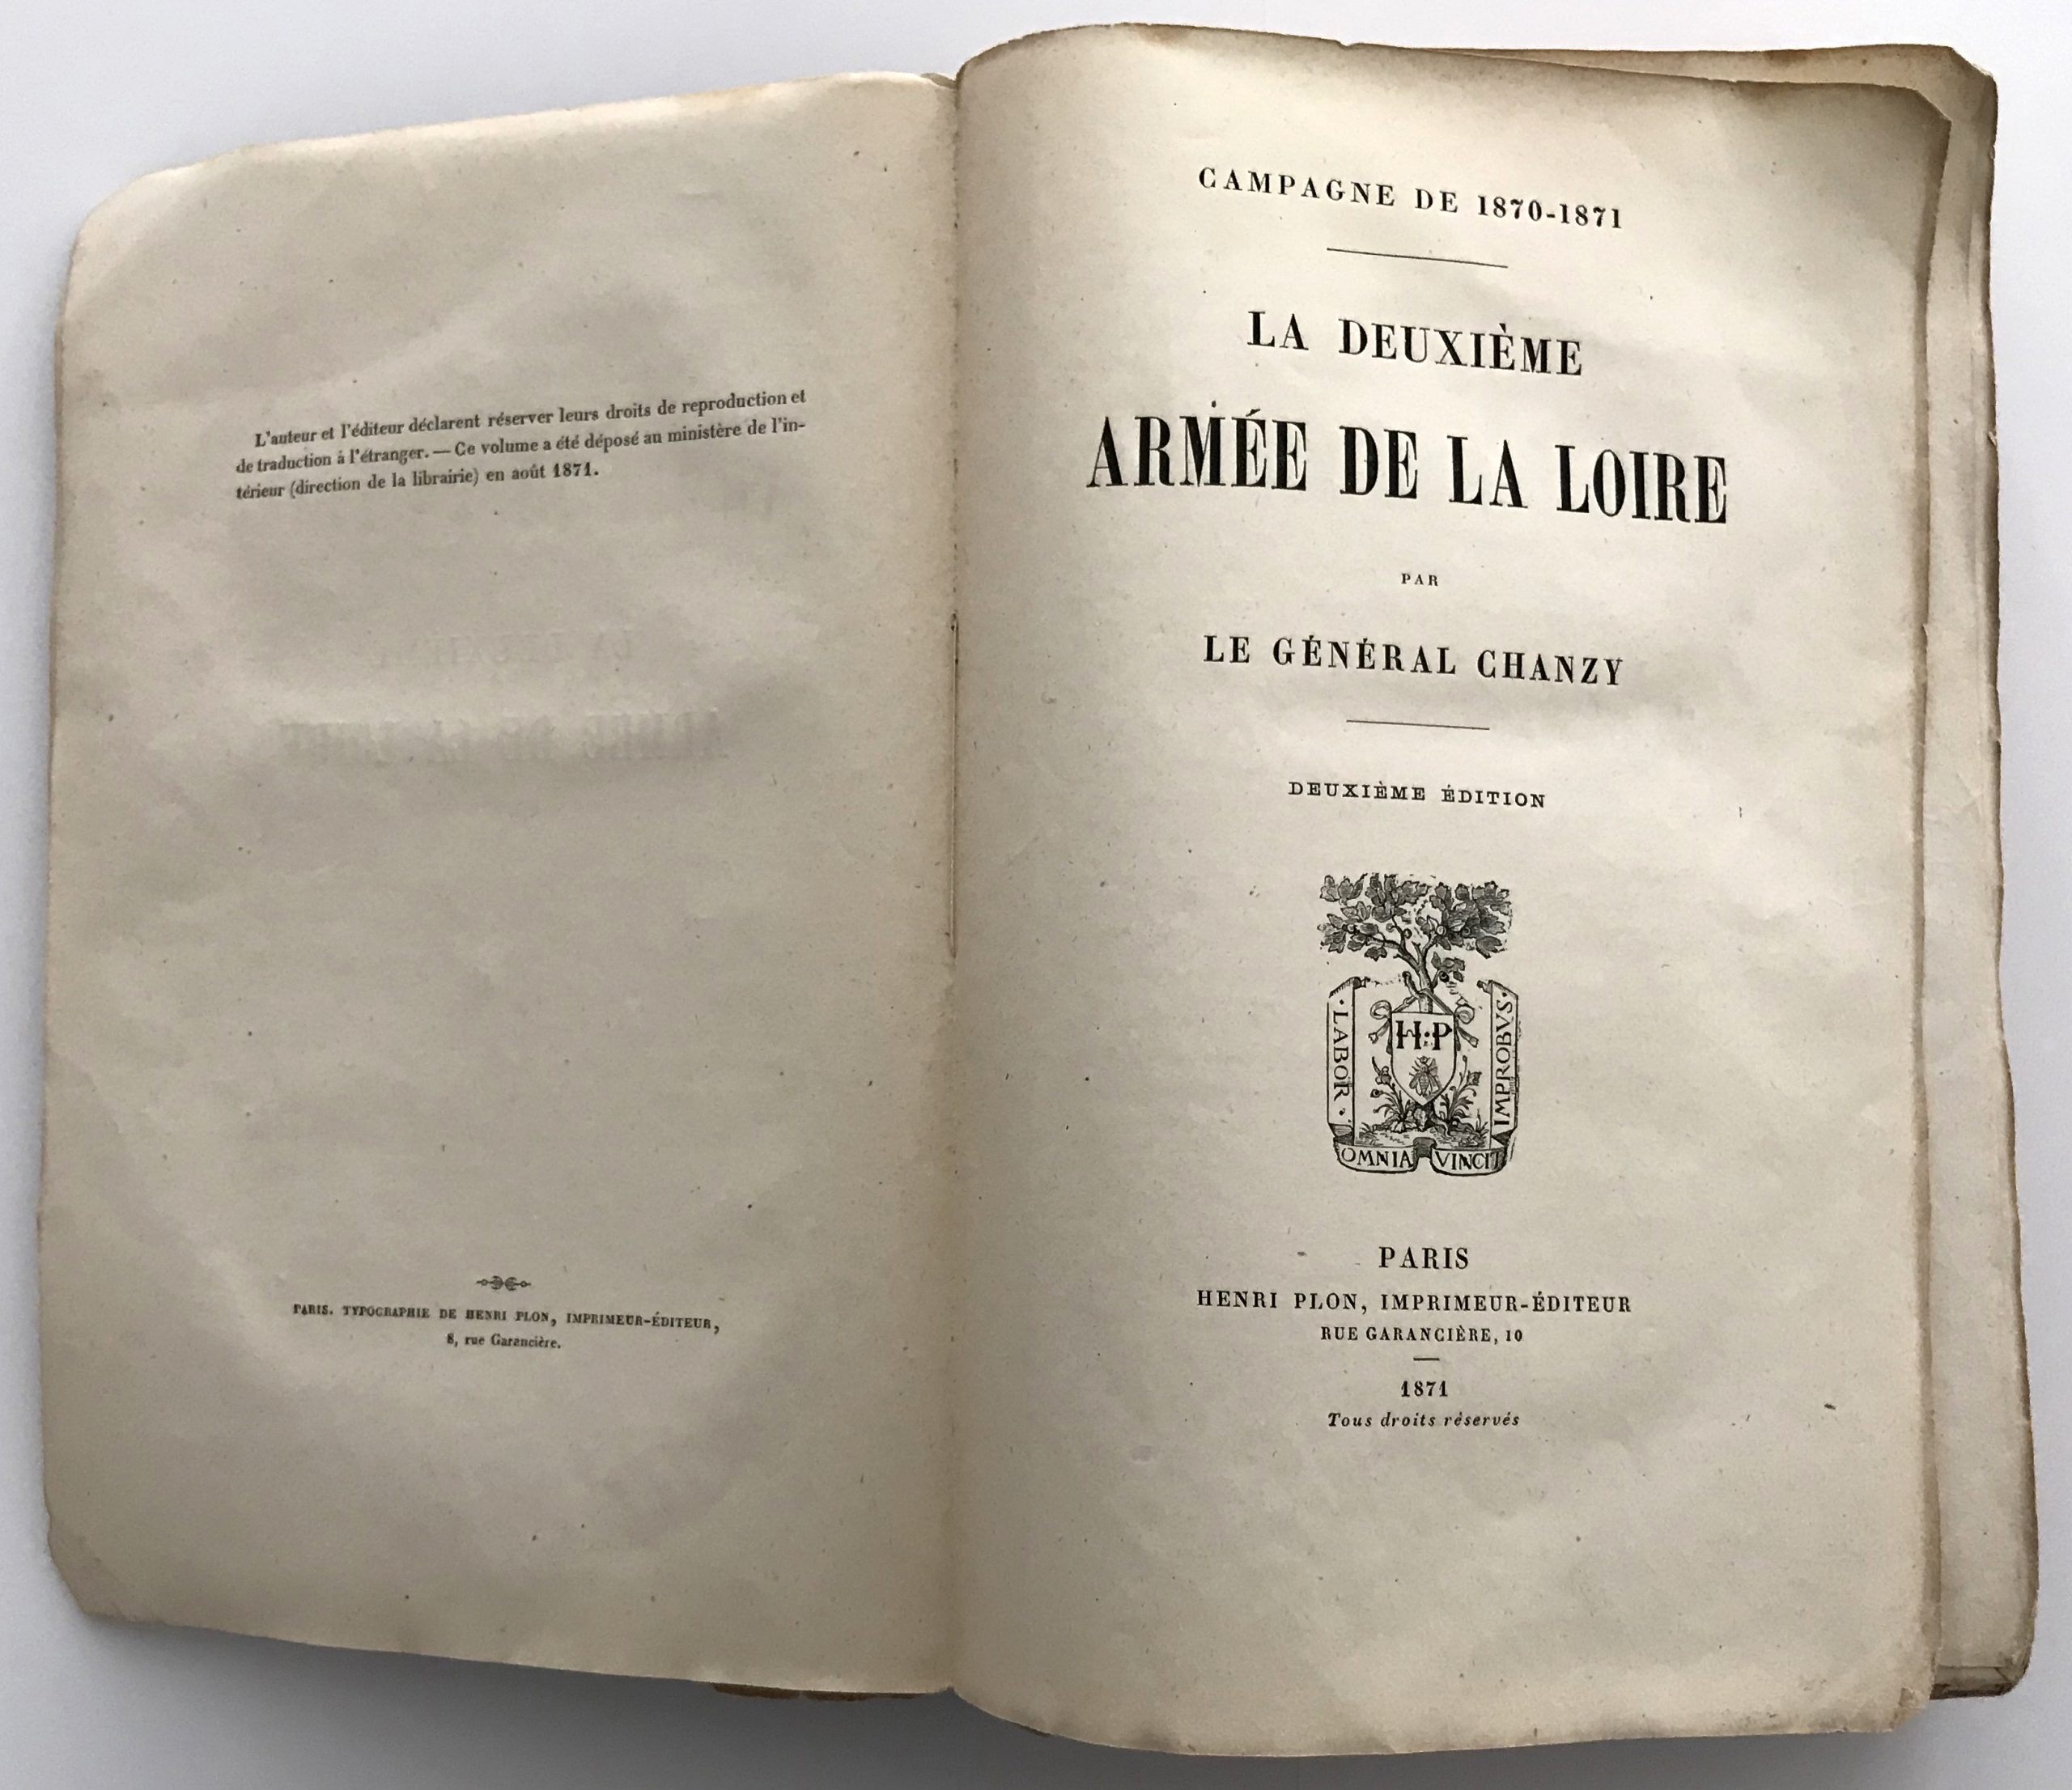 La Deuxième Armée de la Loire. Général Chanzy. Livre broché. Campagne de 1870-1871